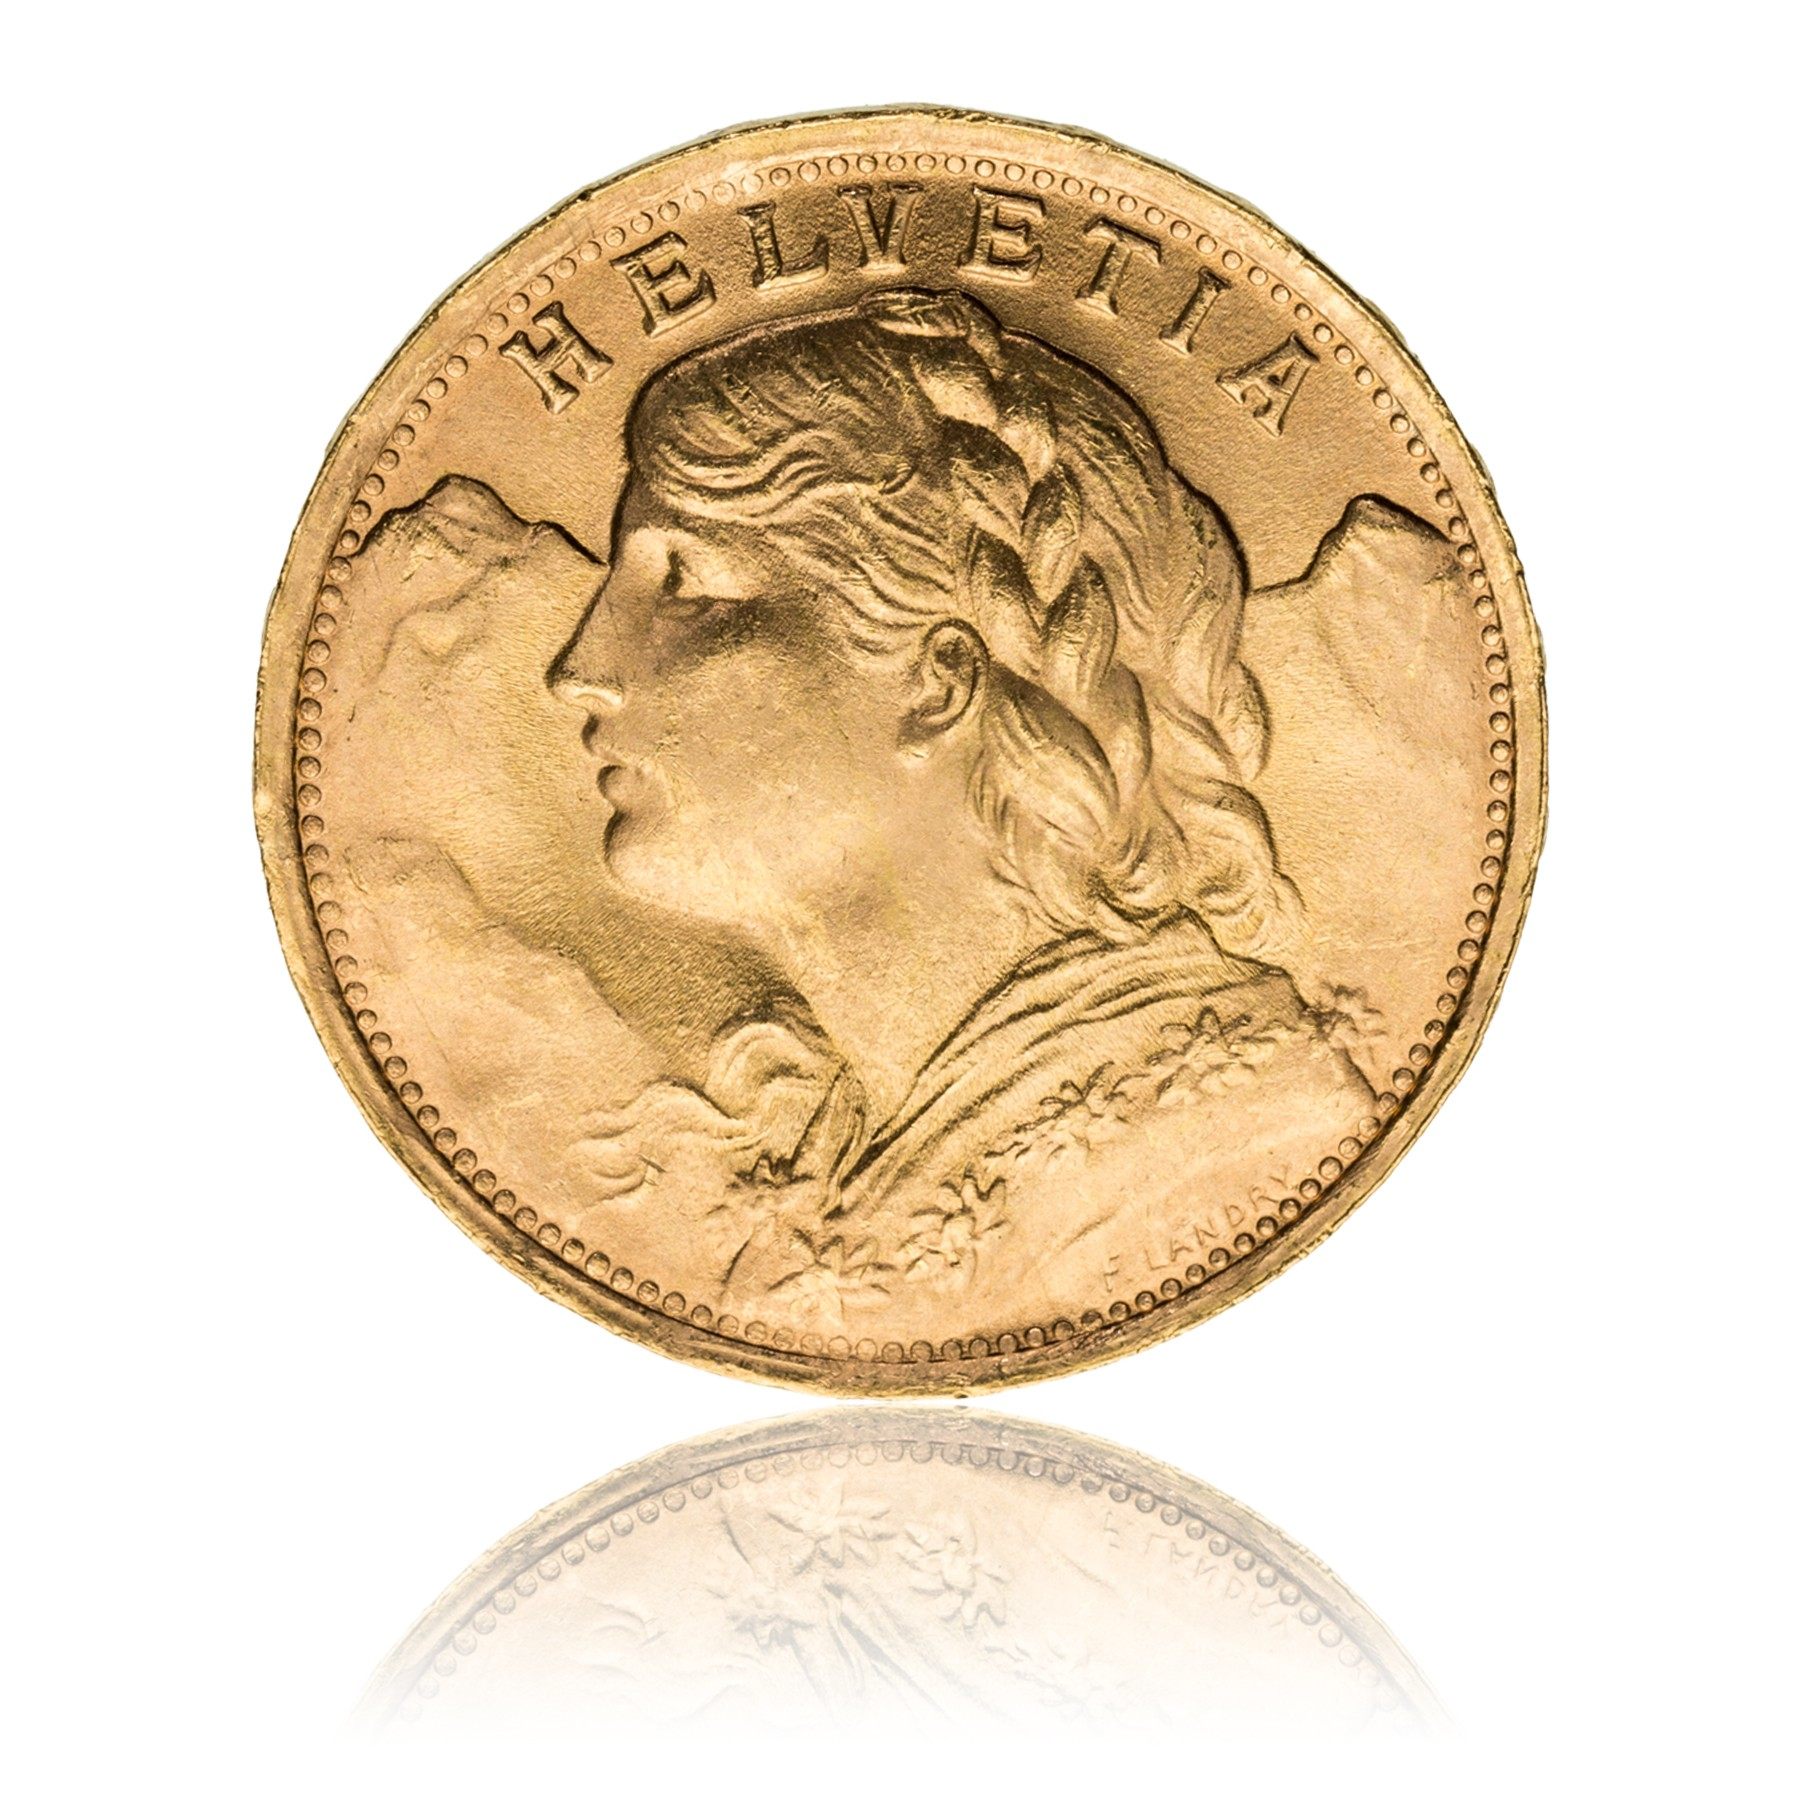 Goldmünze Vreneli 20 Franken Goldmünzen